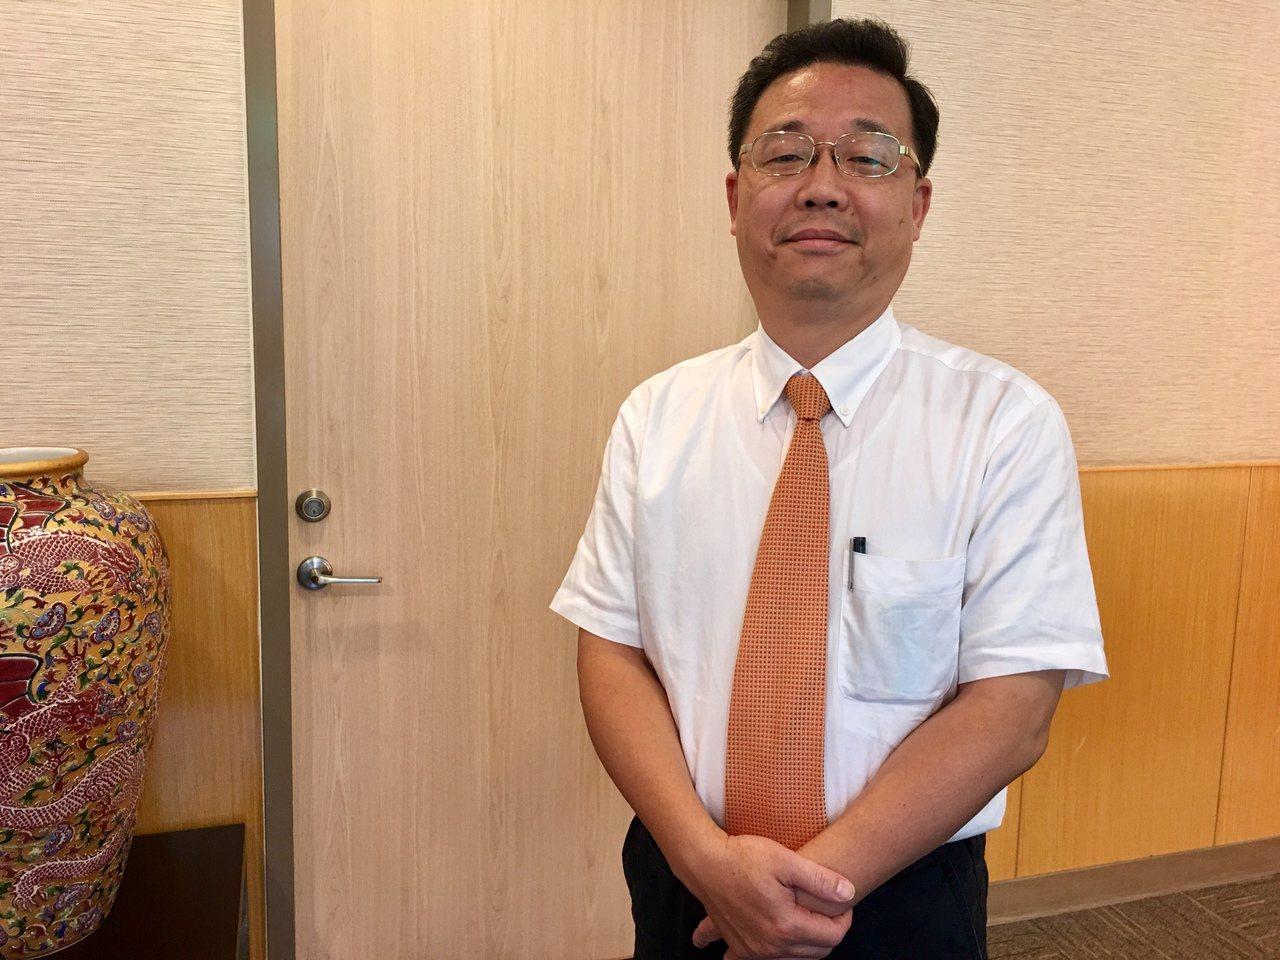 中國醫藥大學附設醫院轉譯醫學中心榮譽副院長徐偉成,率先完成全球第一例周邊血幹細胞...